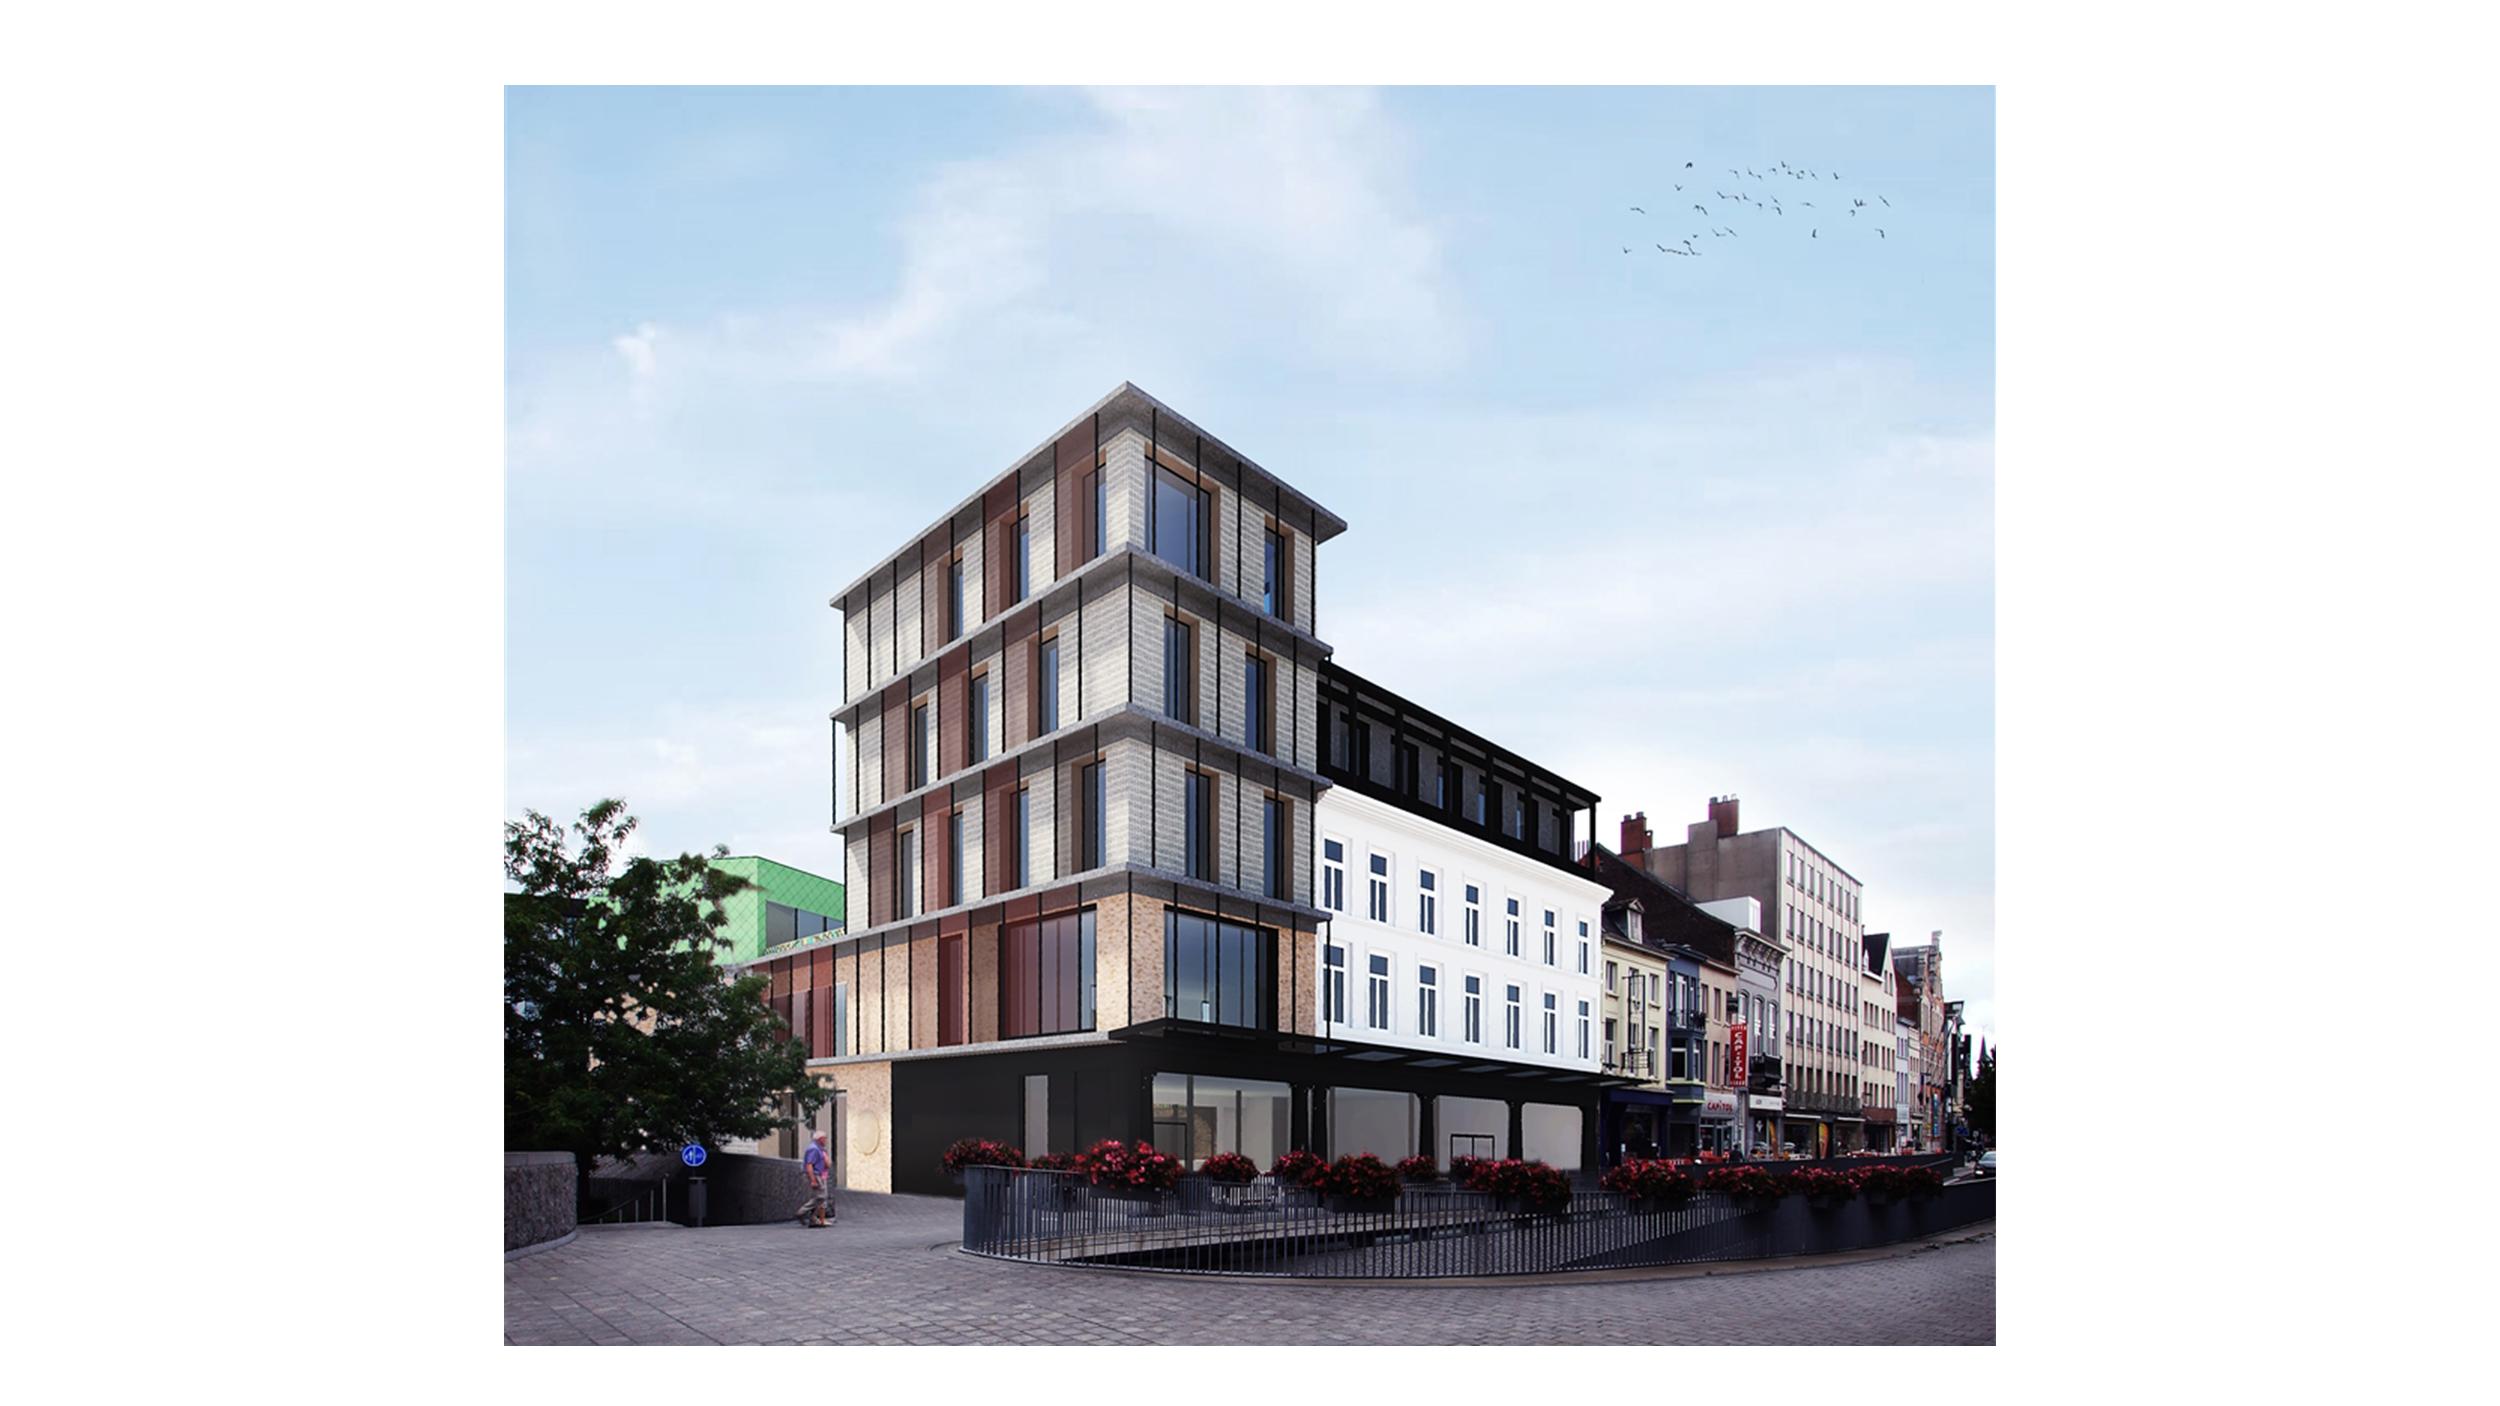 OCMW Volksrestaurant Kortrijk - Avdk Architecten